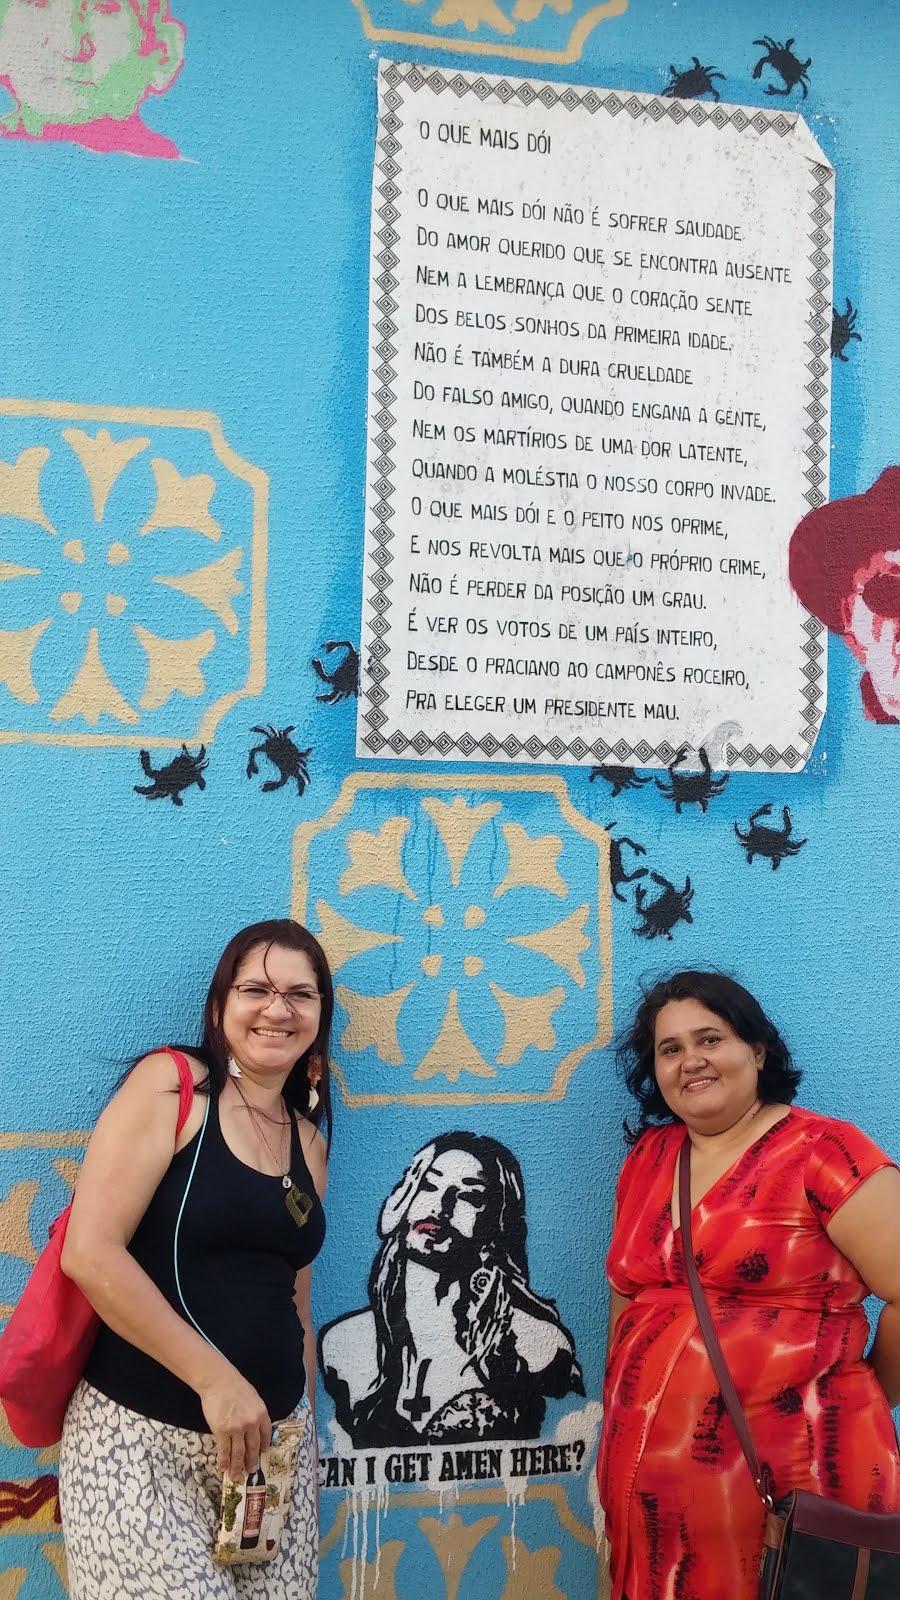 Muro da poesia @ Brigitty